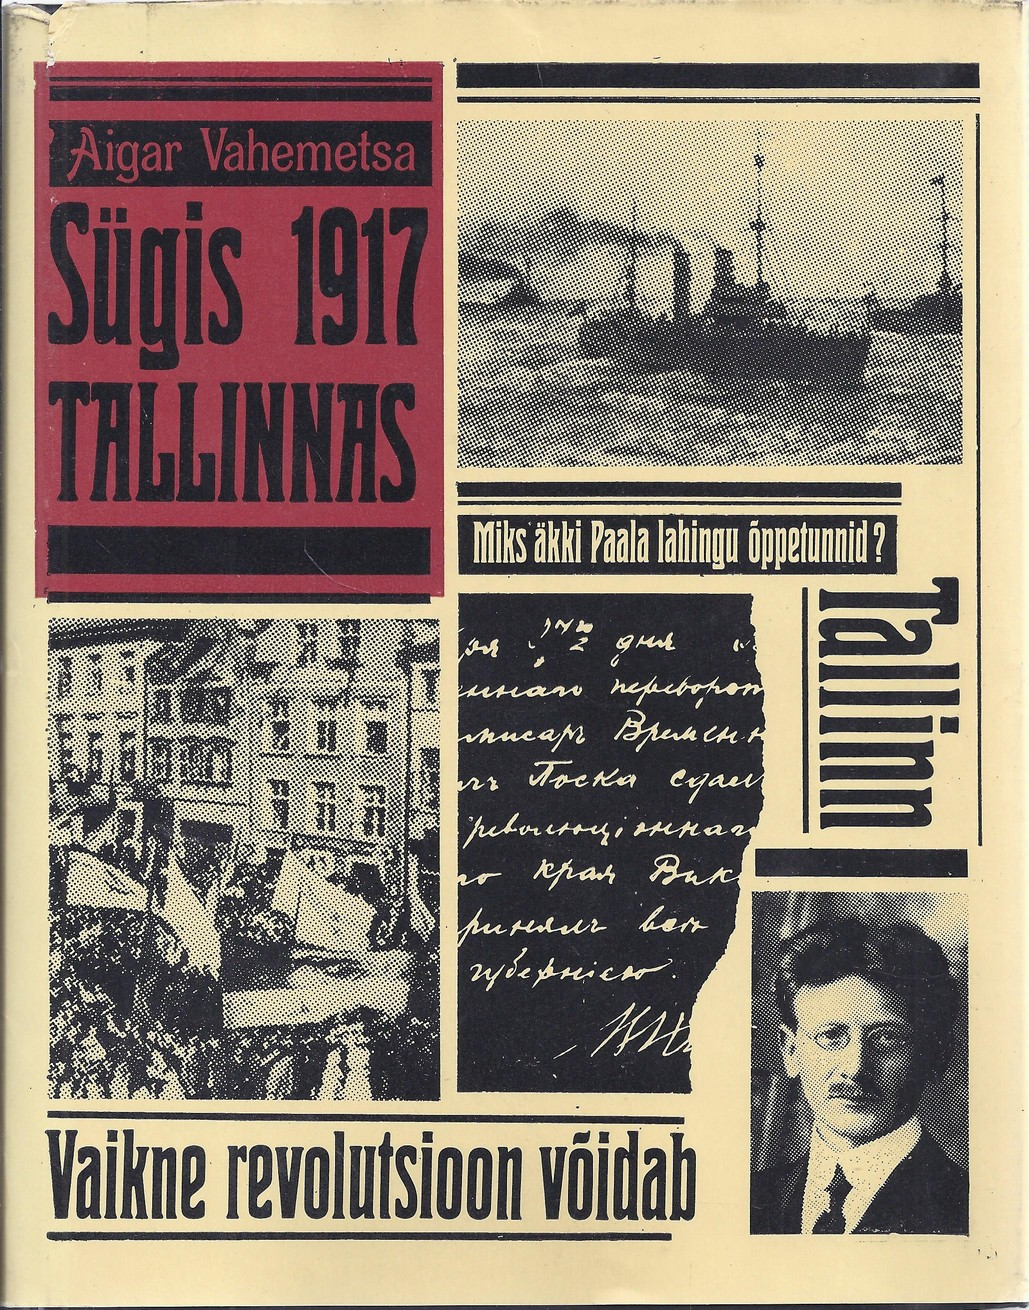 Sügis 1917 Tallinnas